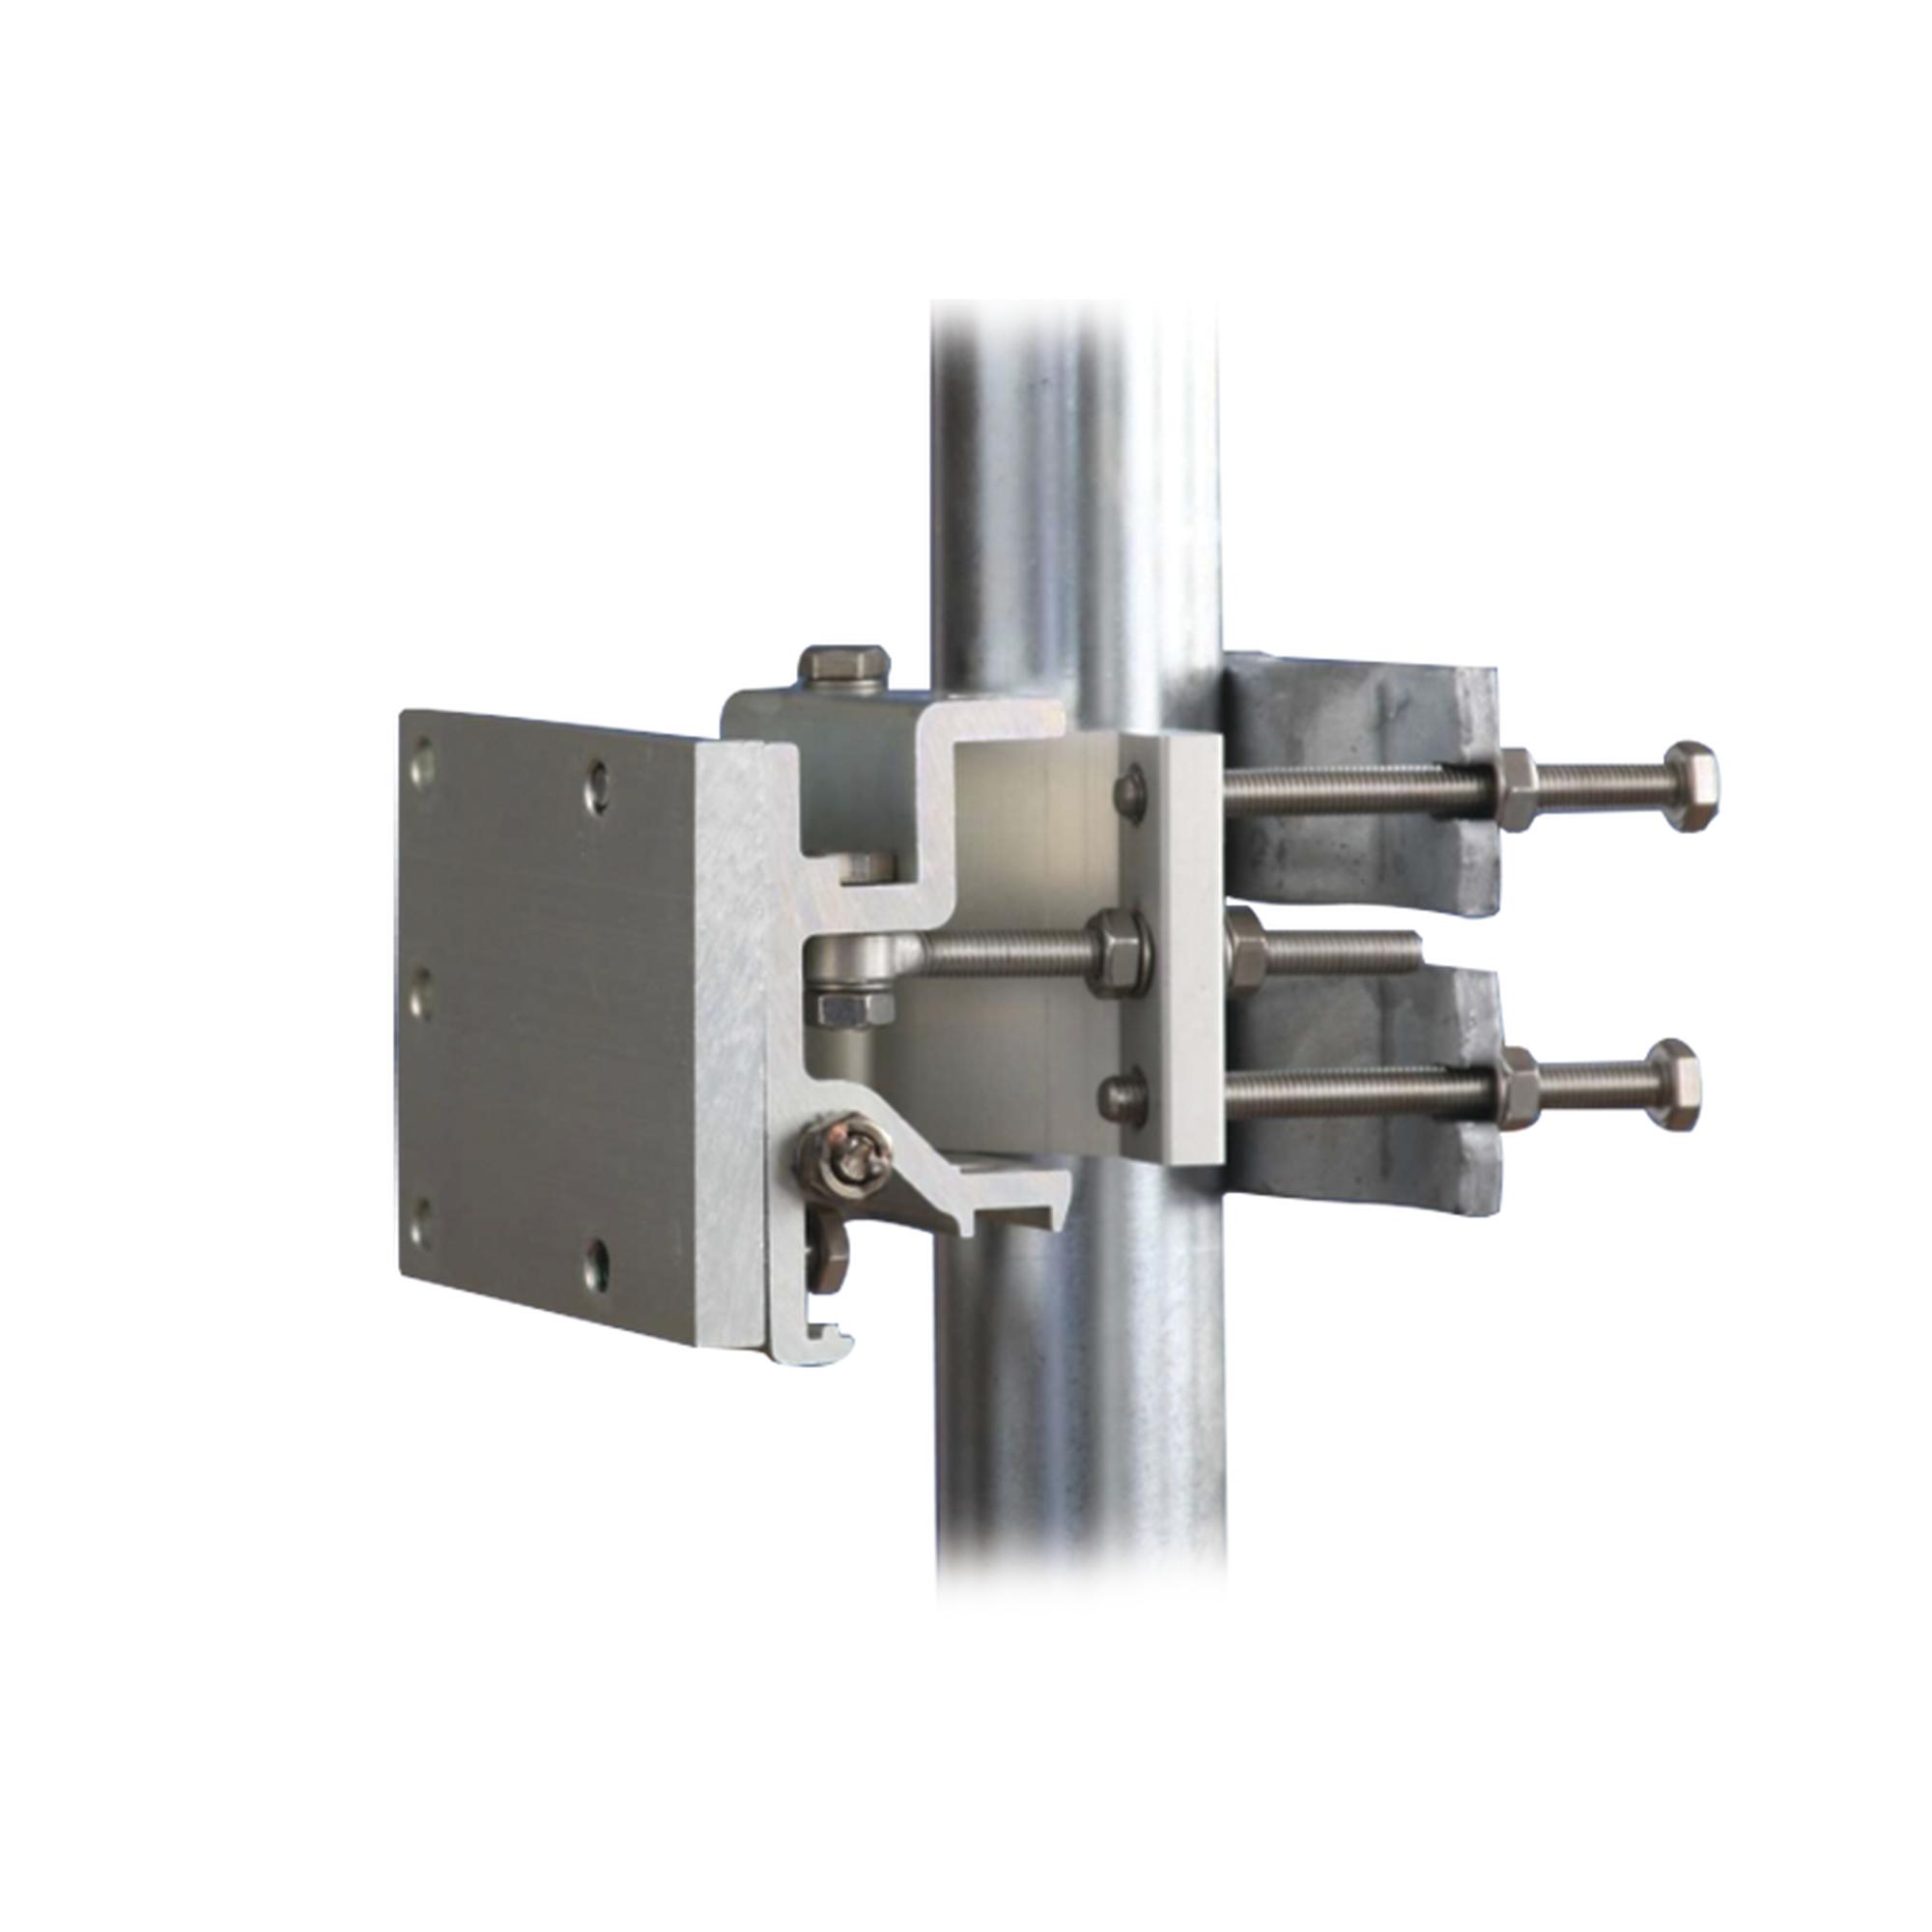 Montaje para antenas JRMB-900-6-MIMO, JRC-DD35-DUPLEX-PRE, JRC-32DD-DUPLEXPRE, JRMA0-380-10/11